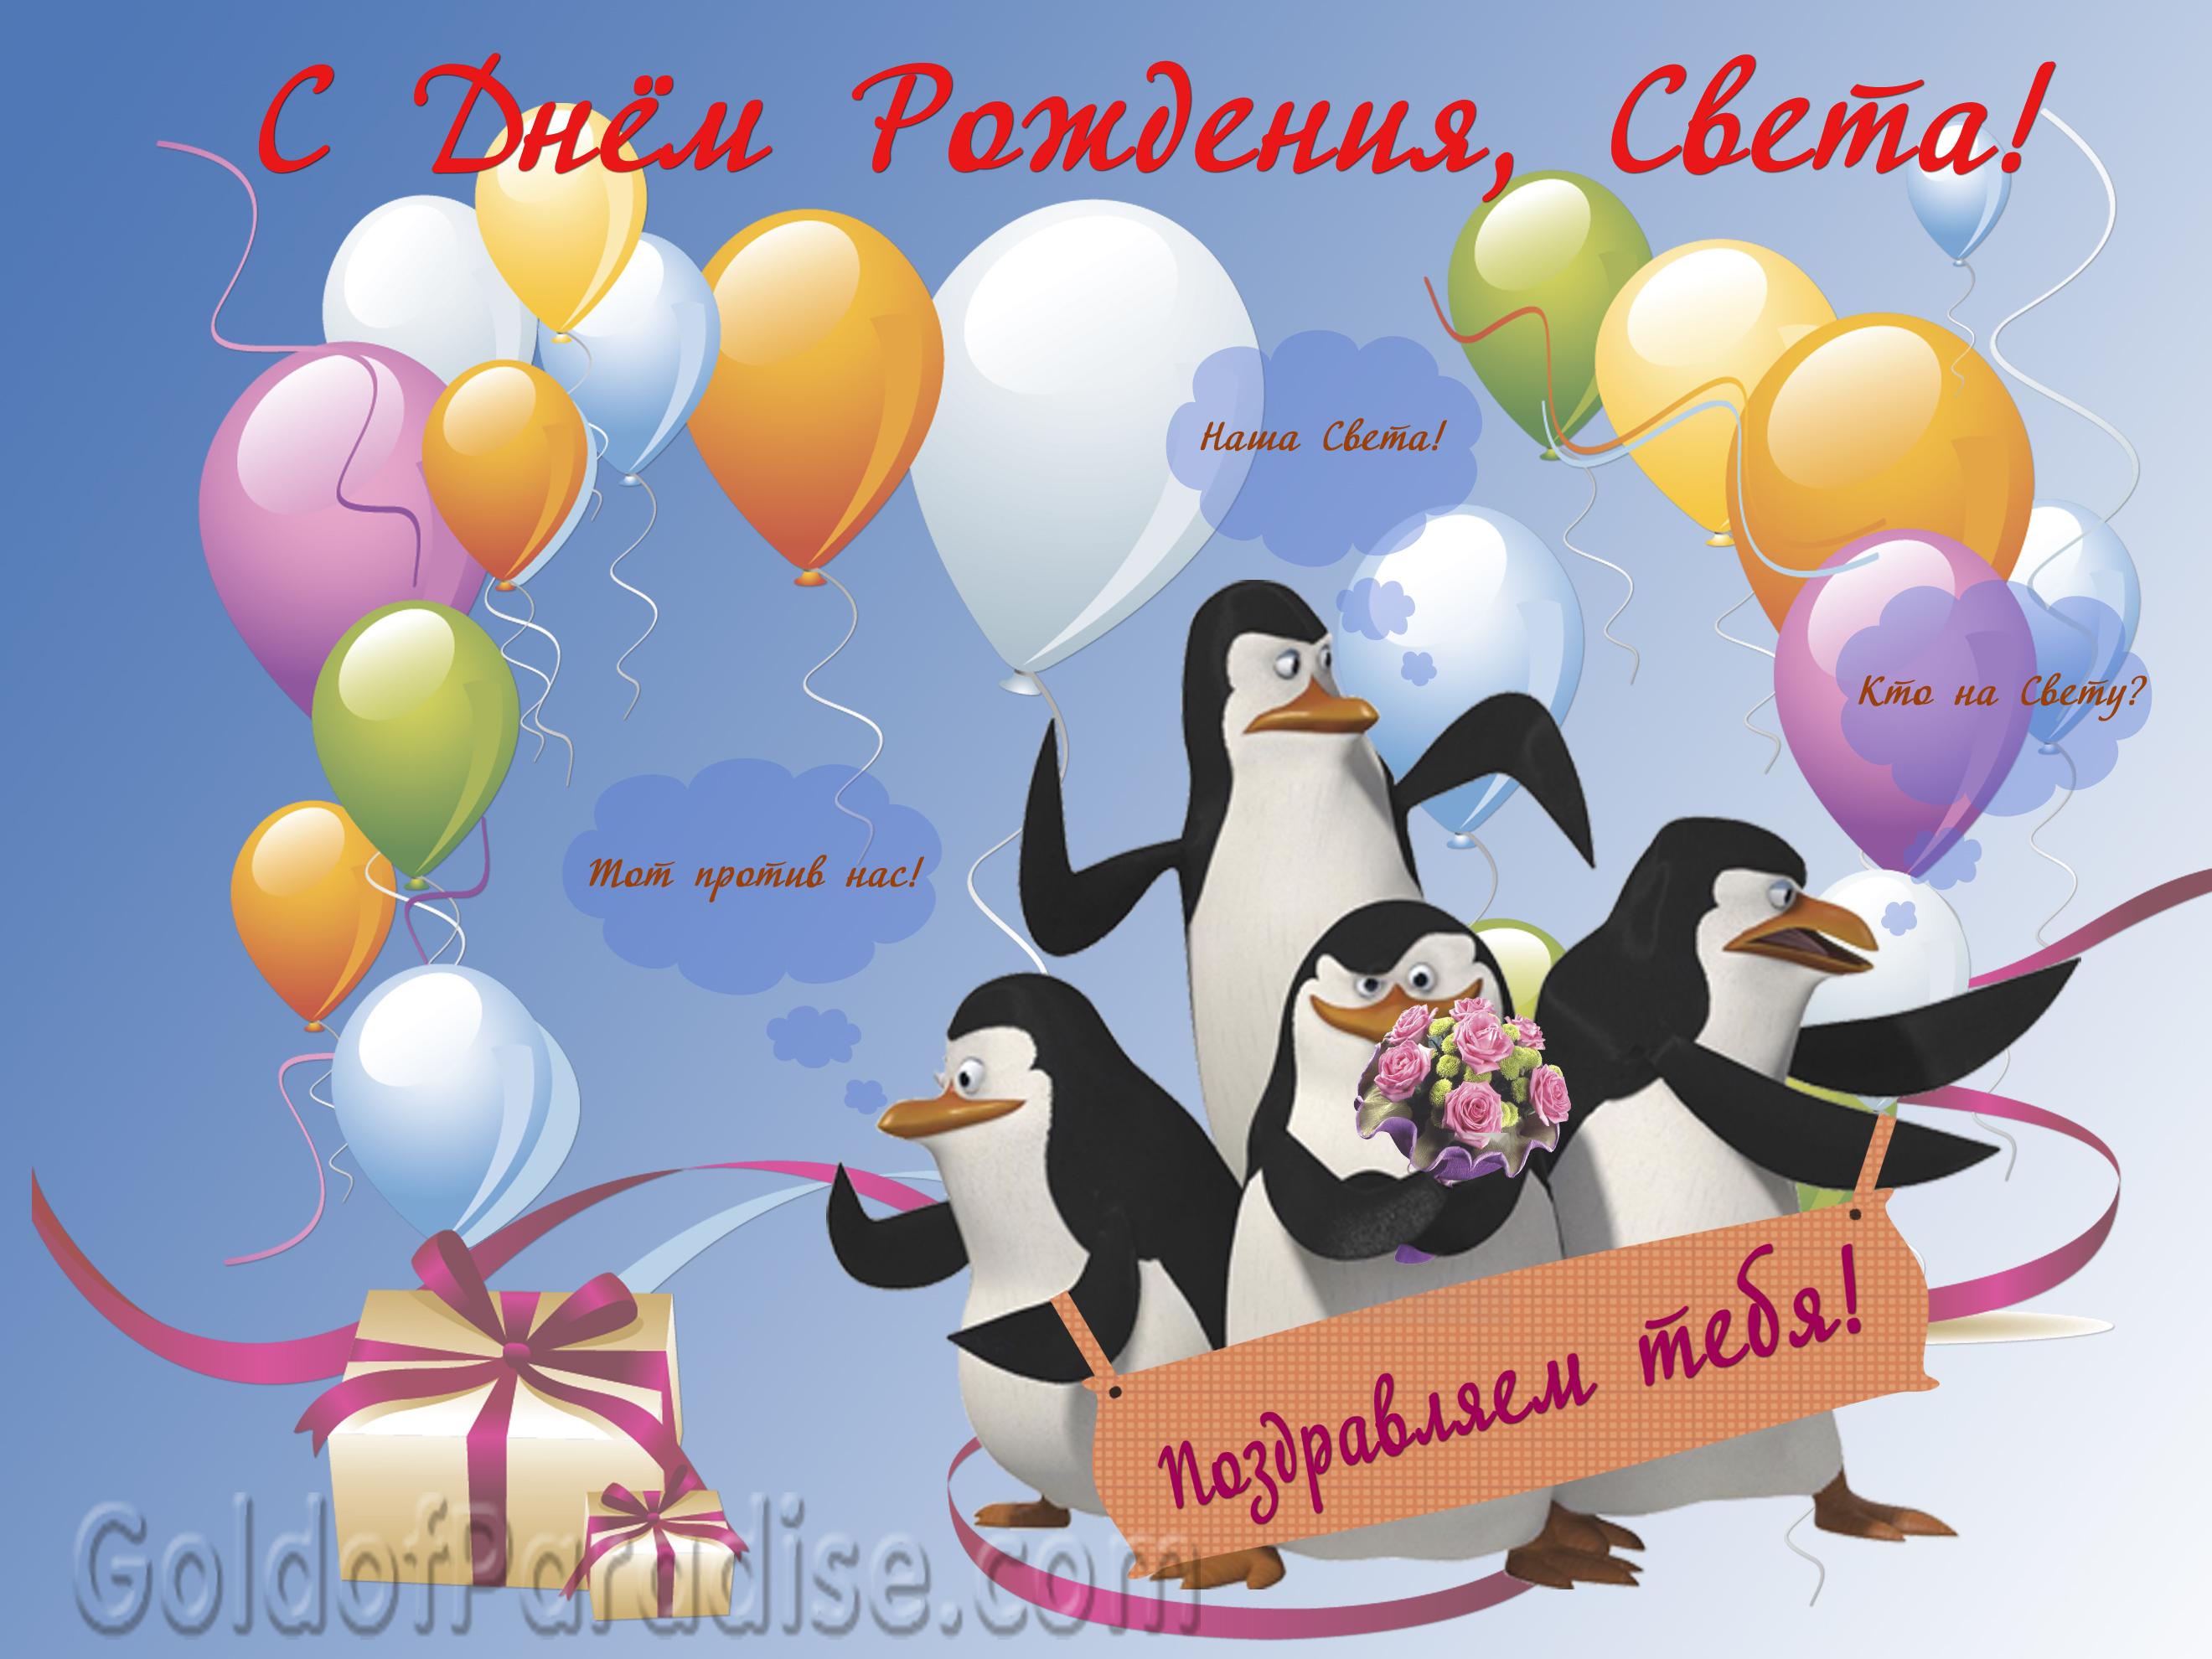 Поздравления с днем рождения от коллег прикольные фото